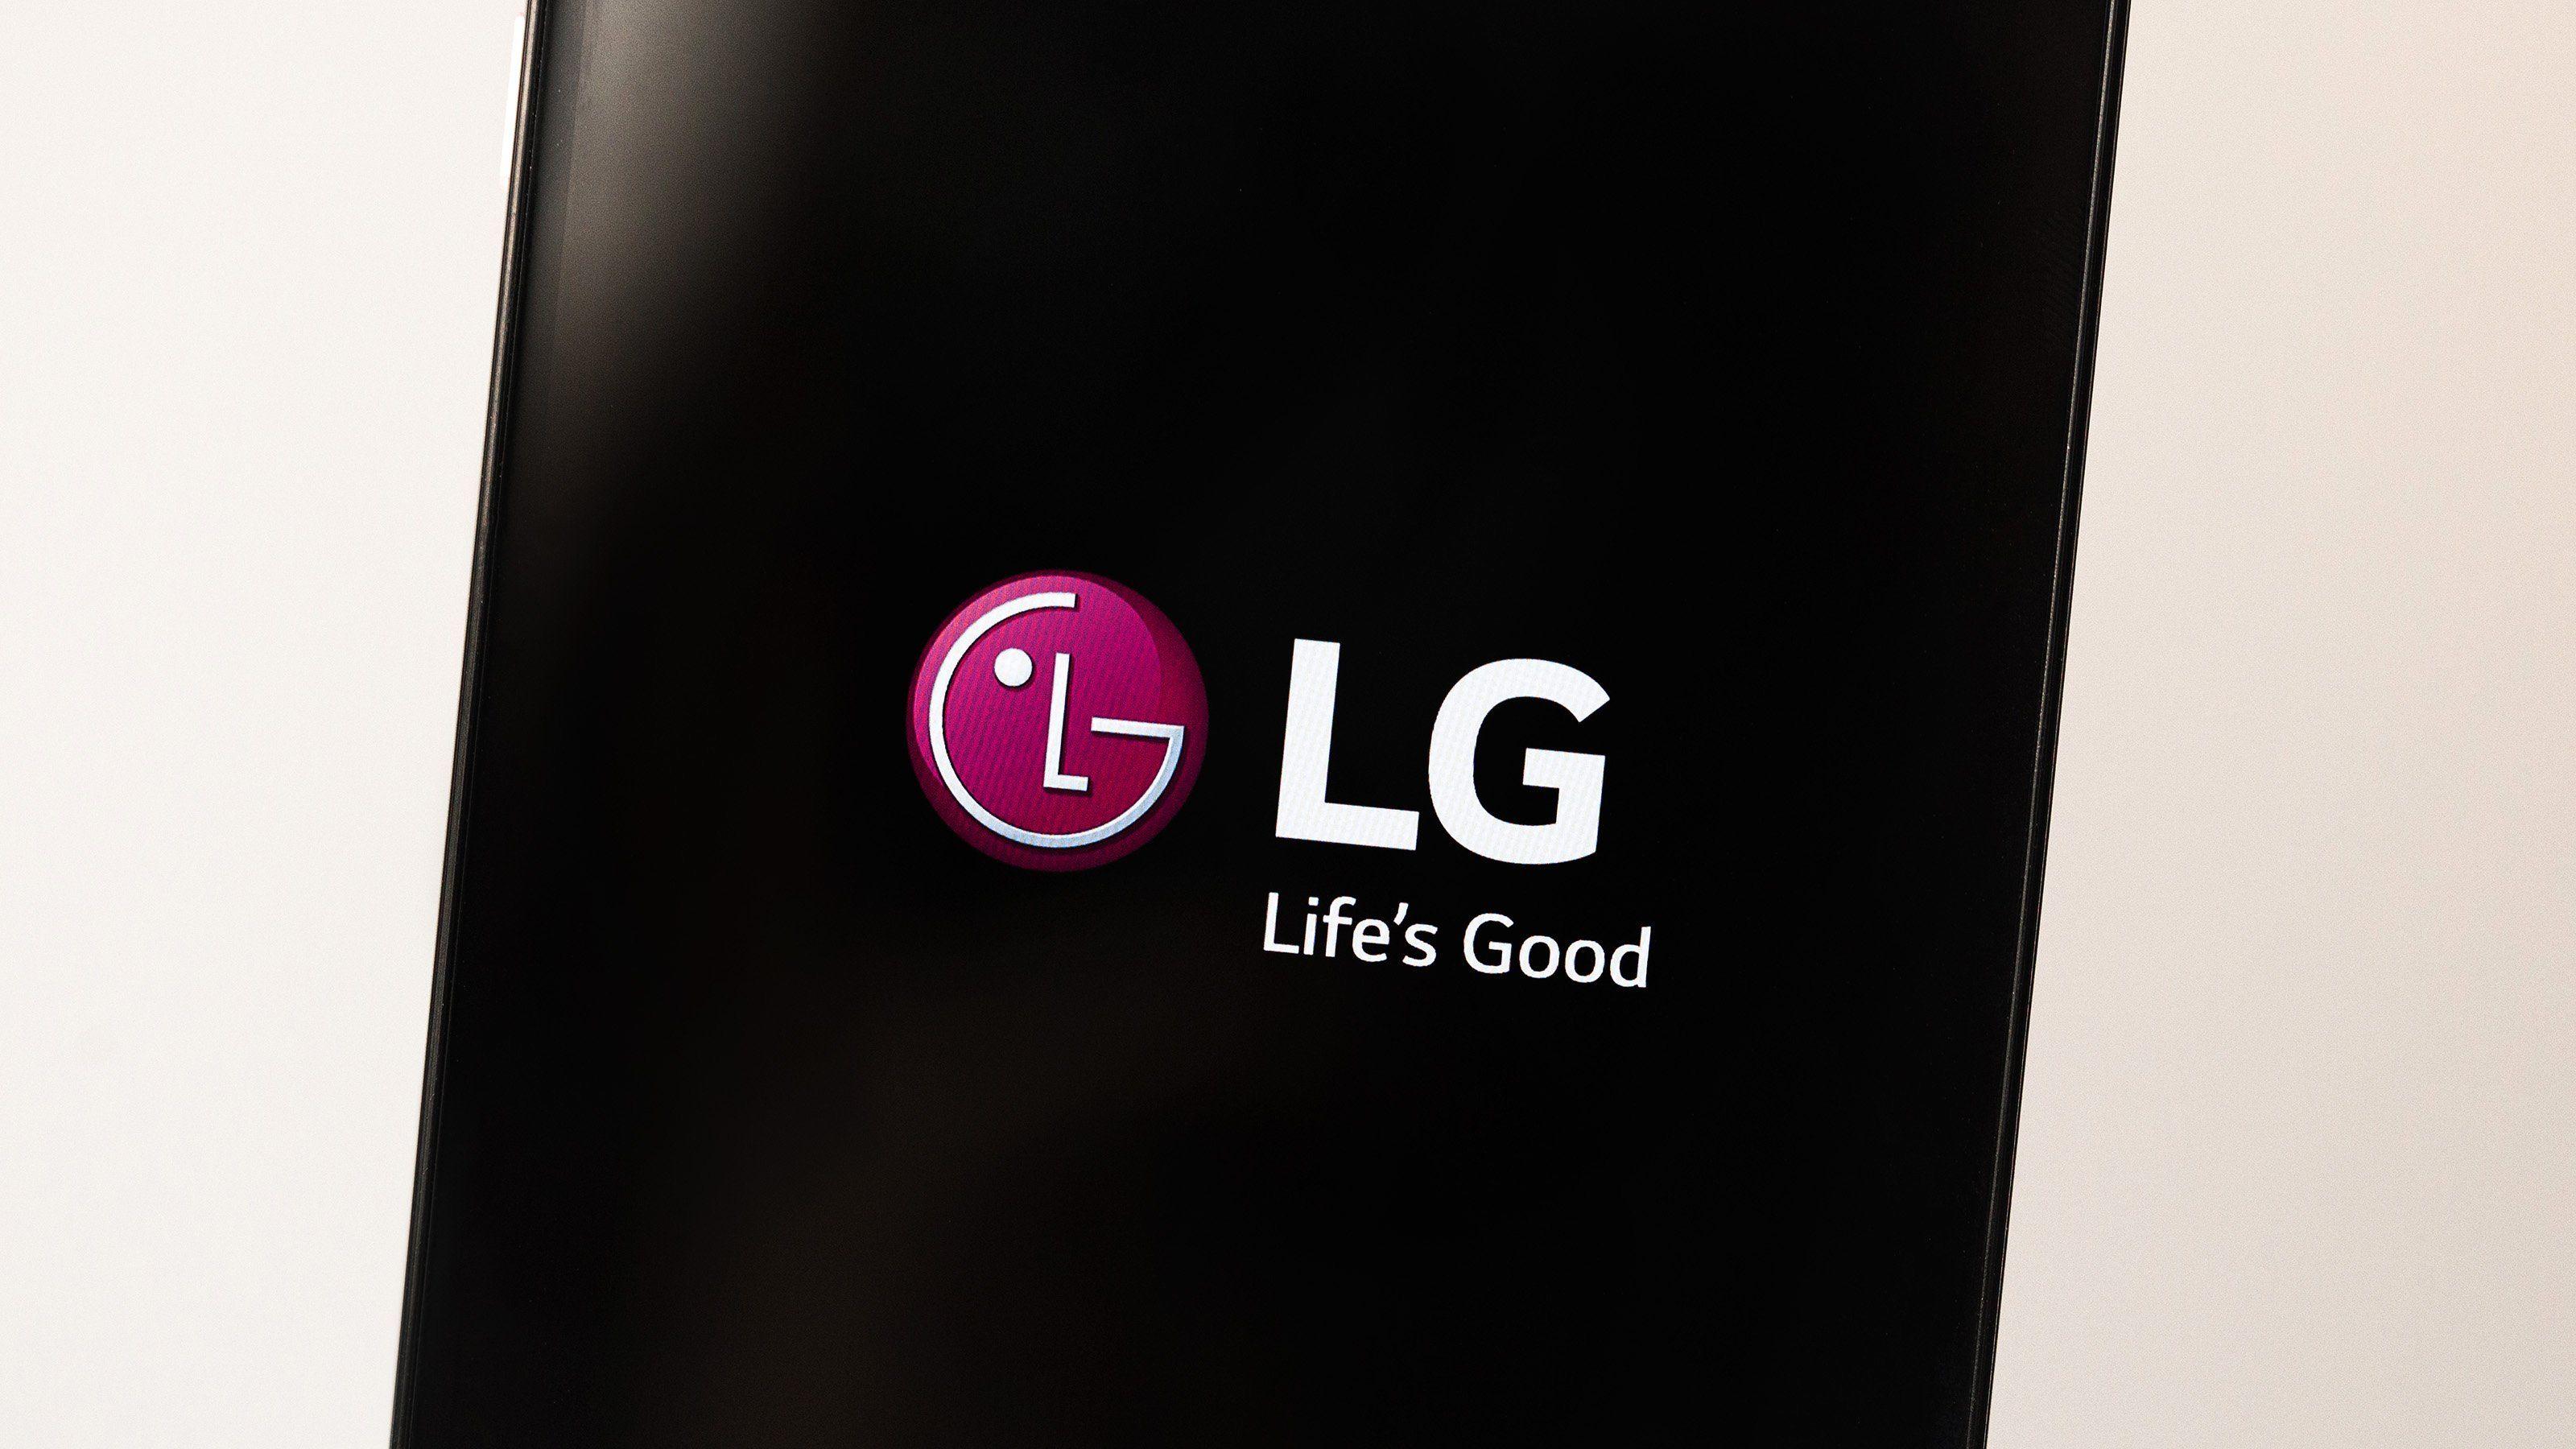 C'est confirmé le LG V30 arrivera bel et bien en Europe